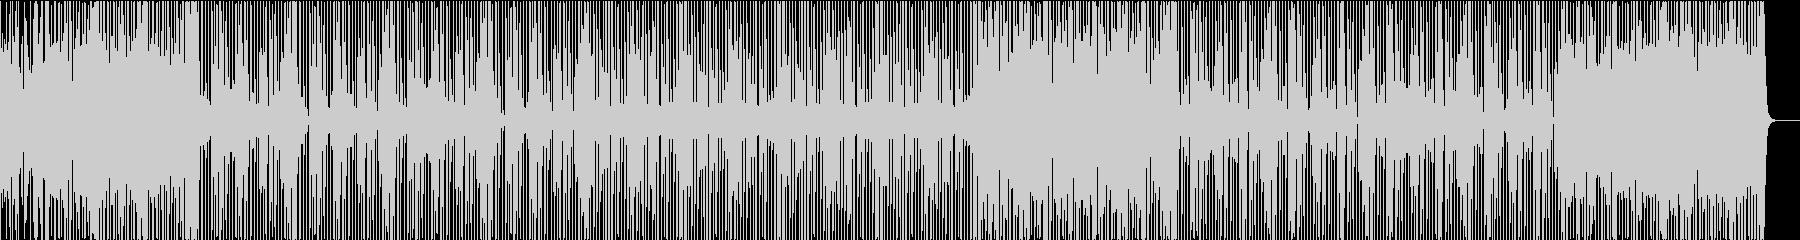 都会をイメージしたCitypopの未再生の波形